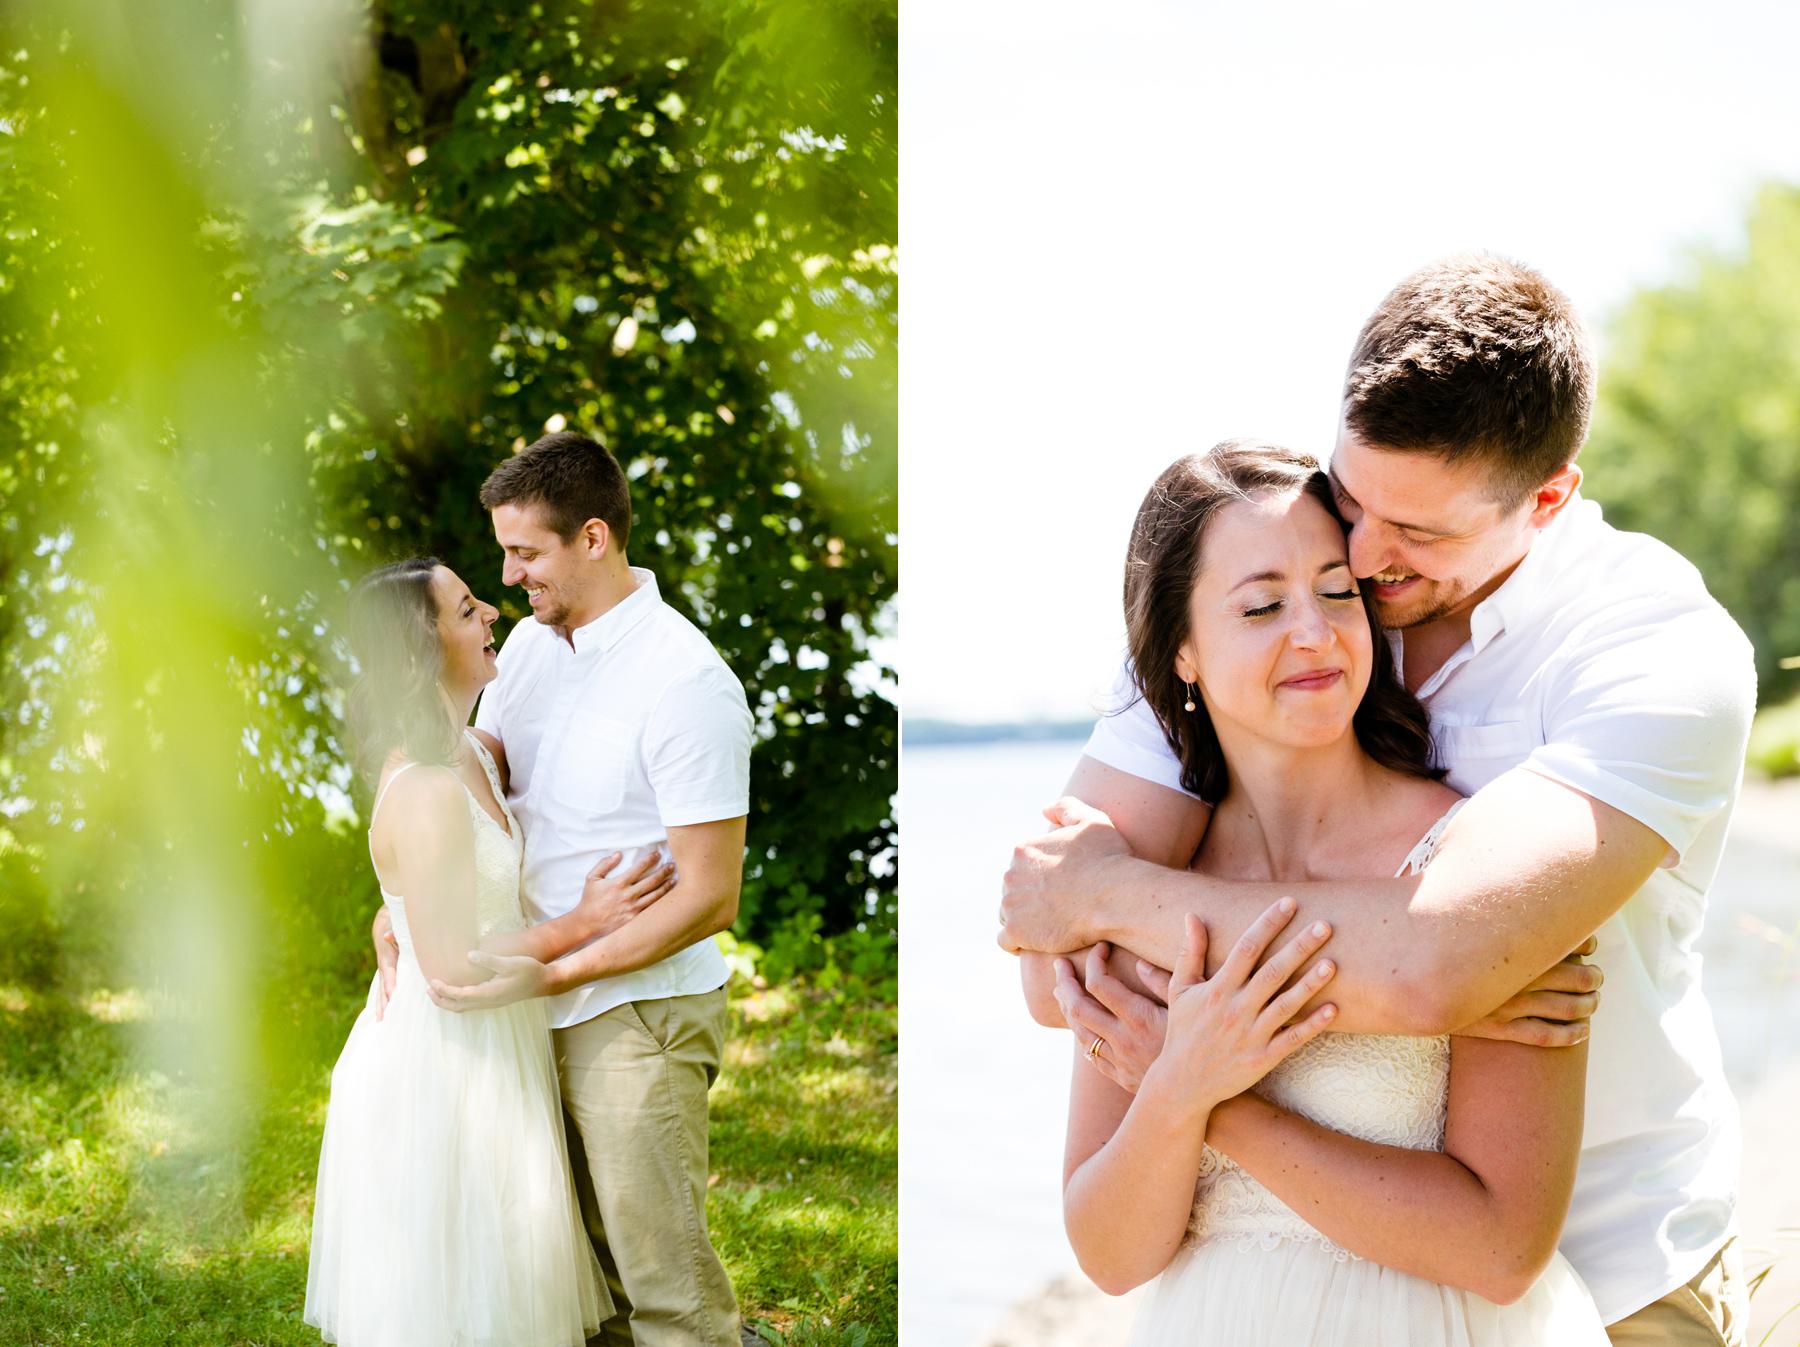 013-downtown-fredericton-wedding-photos-kandisebrown-se2017